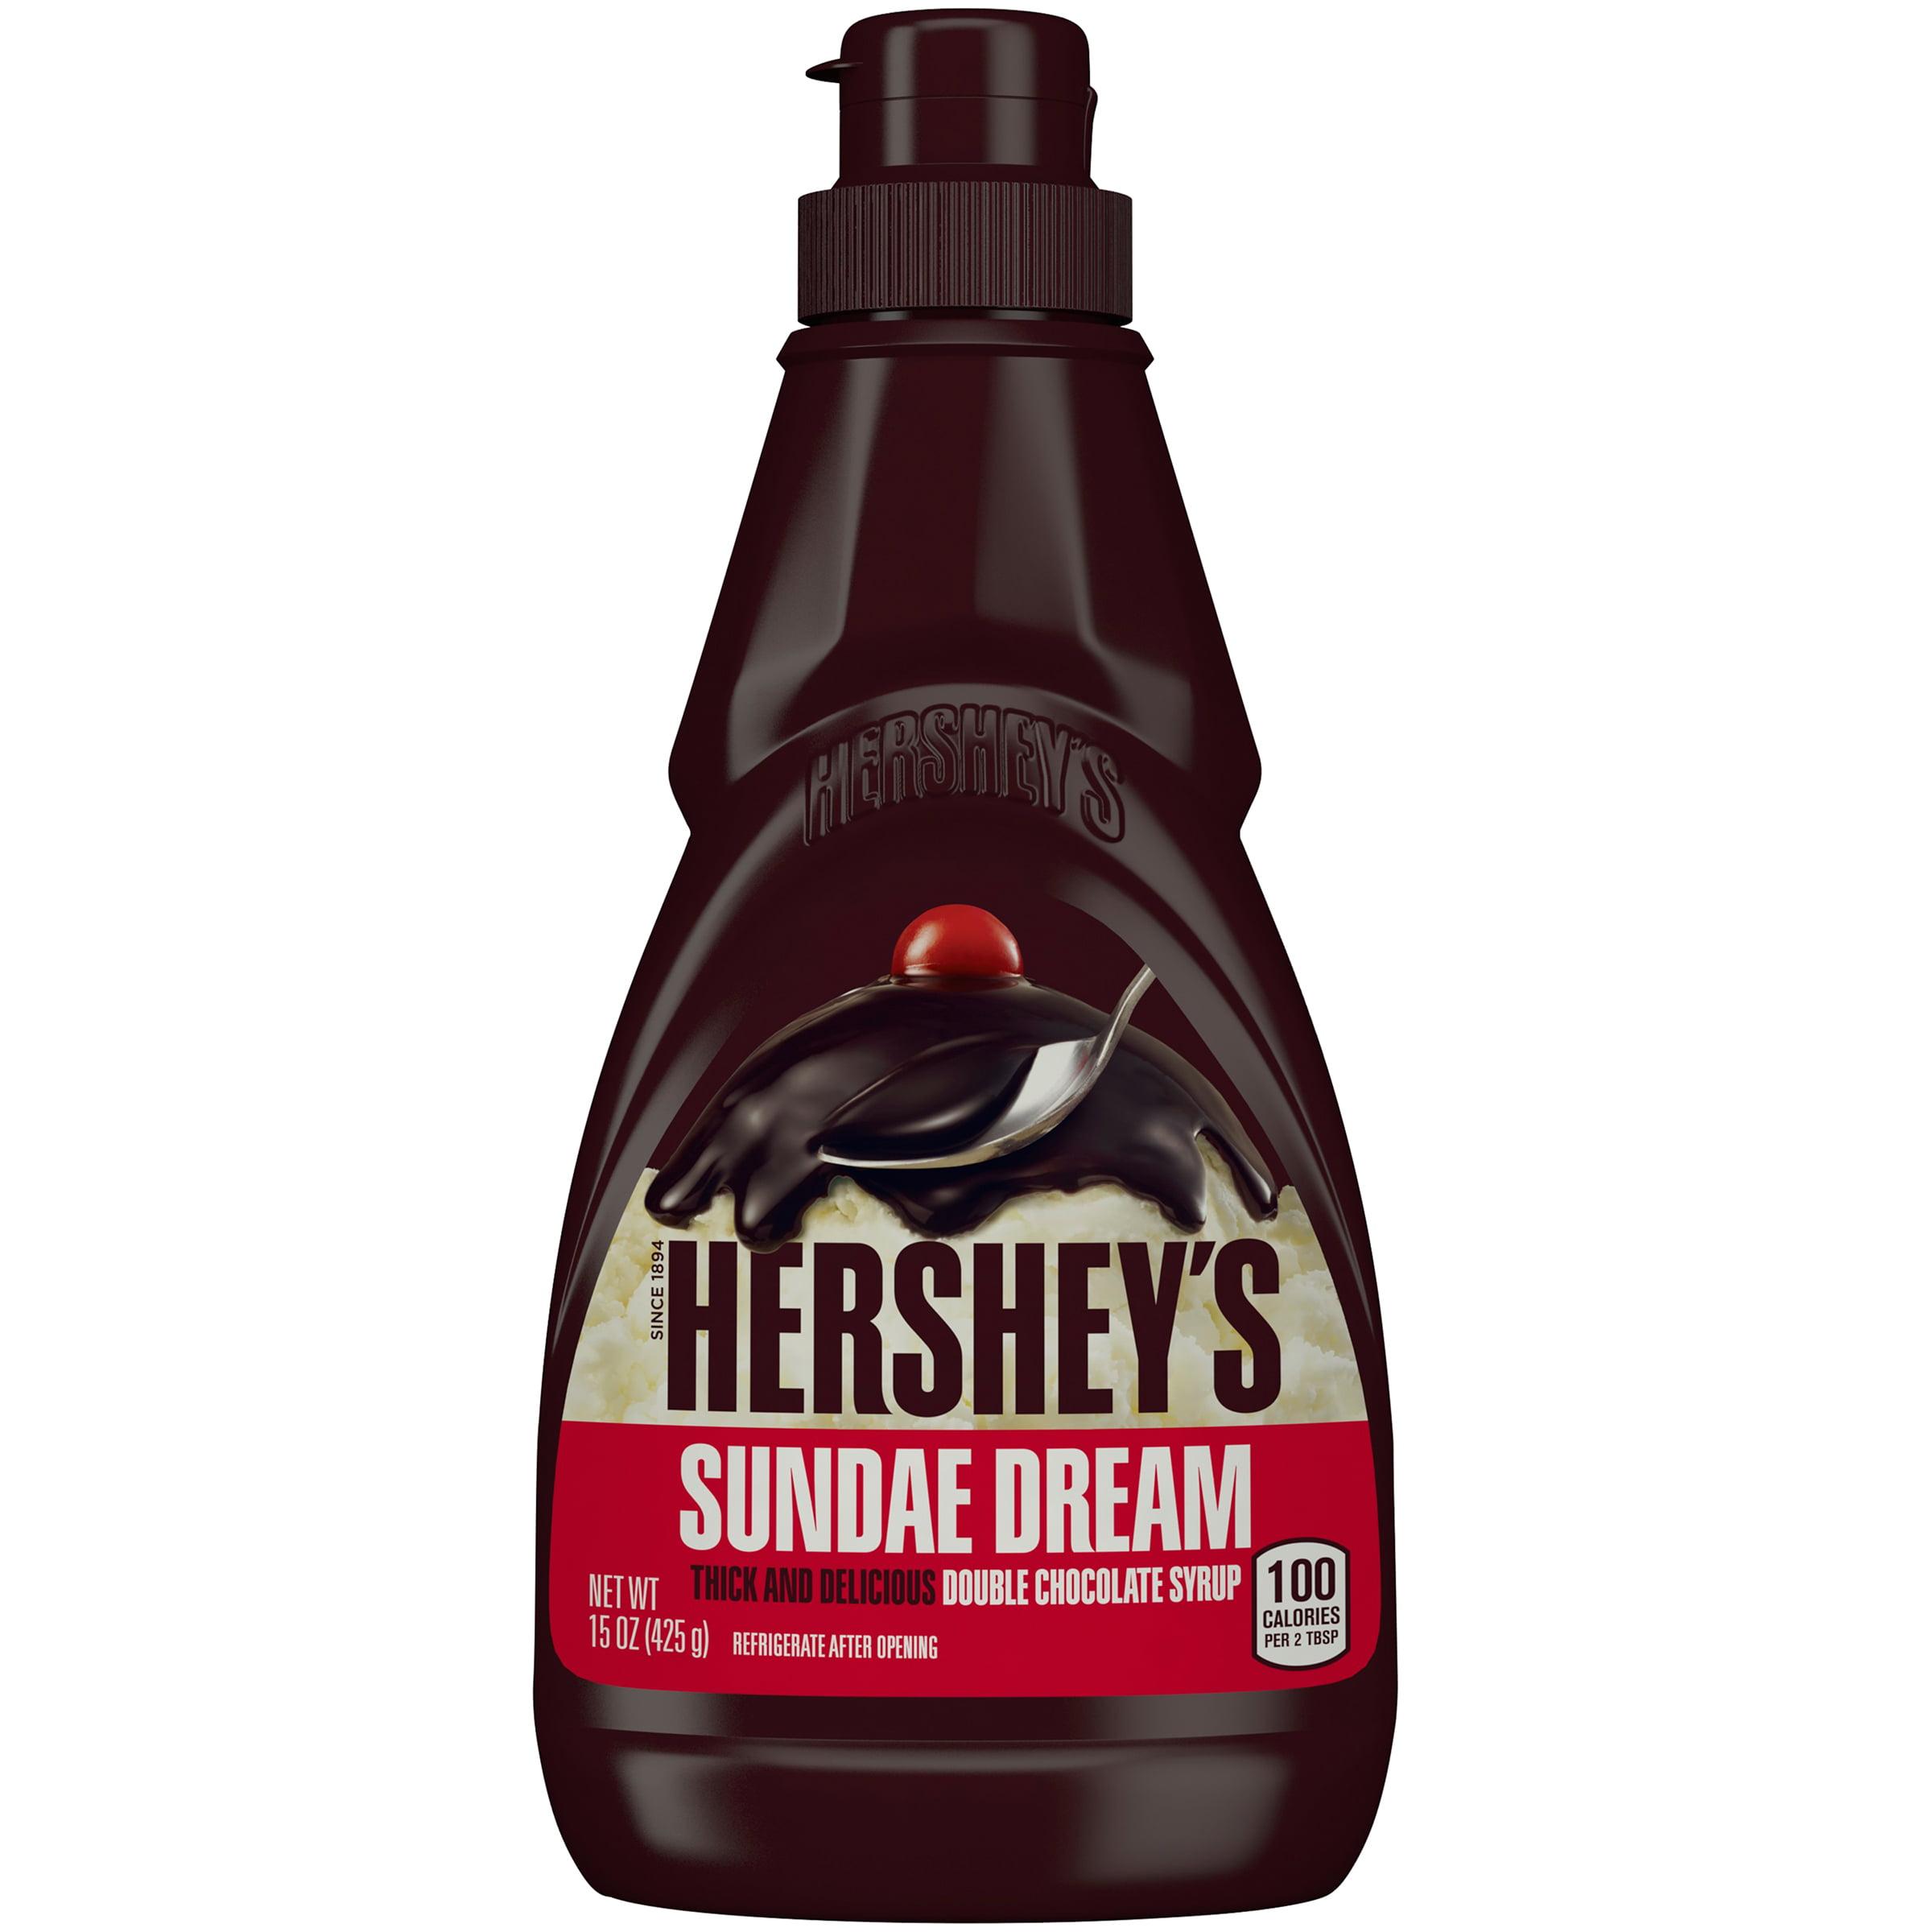 HERSHEY'S SUNDAE DREAM Double Chocolate Syrup, 15 Ounces